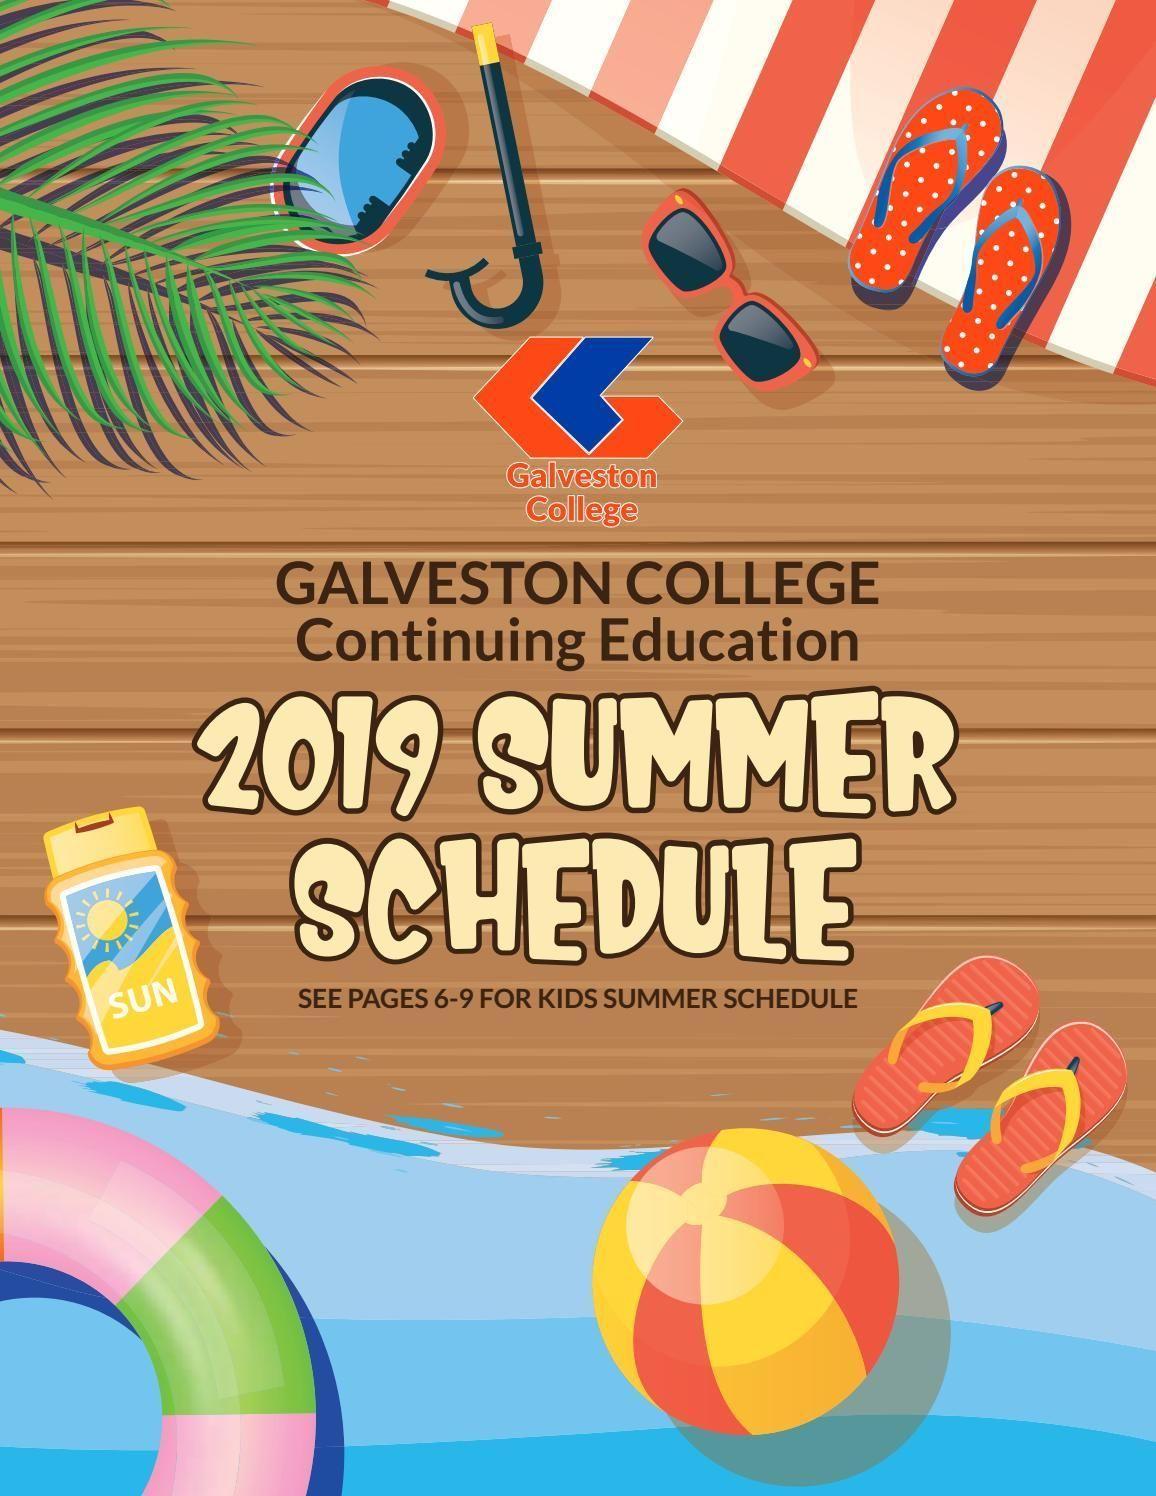 Galveston College Continuing Education 2019 Summer Schedule #summerschedule Galveston College Continuing Education 2019 Summer Schedule #summerschedule Galveston College Continuing Education 2019 Summer Schedule #summerschedule Galveston College Continuing Education 2019 Summer Schedule #summerschedule